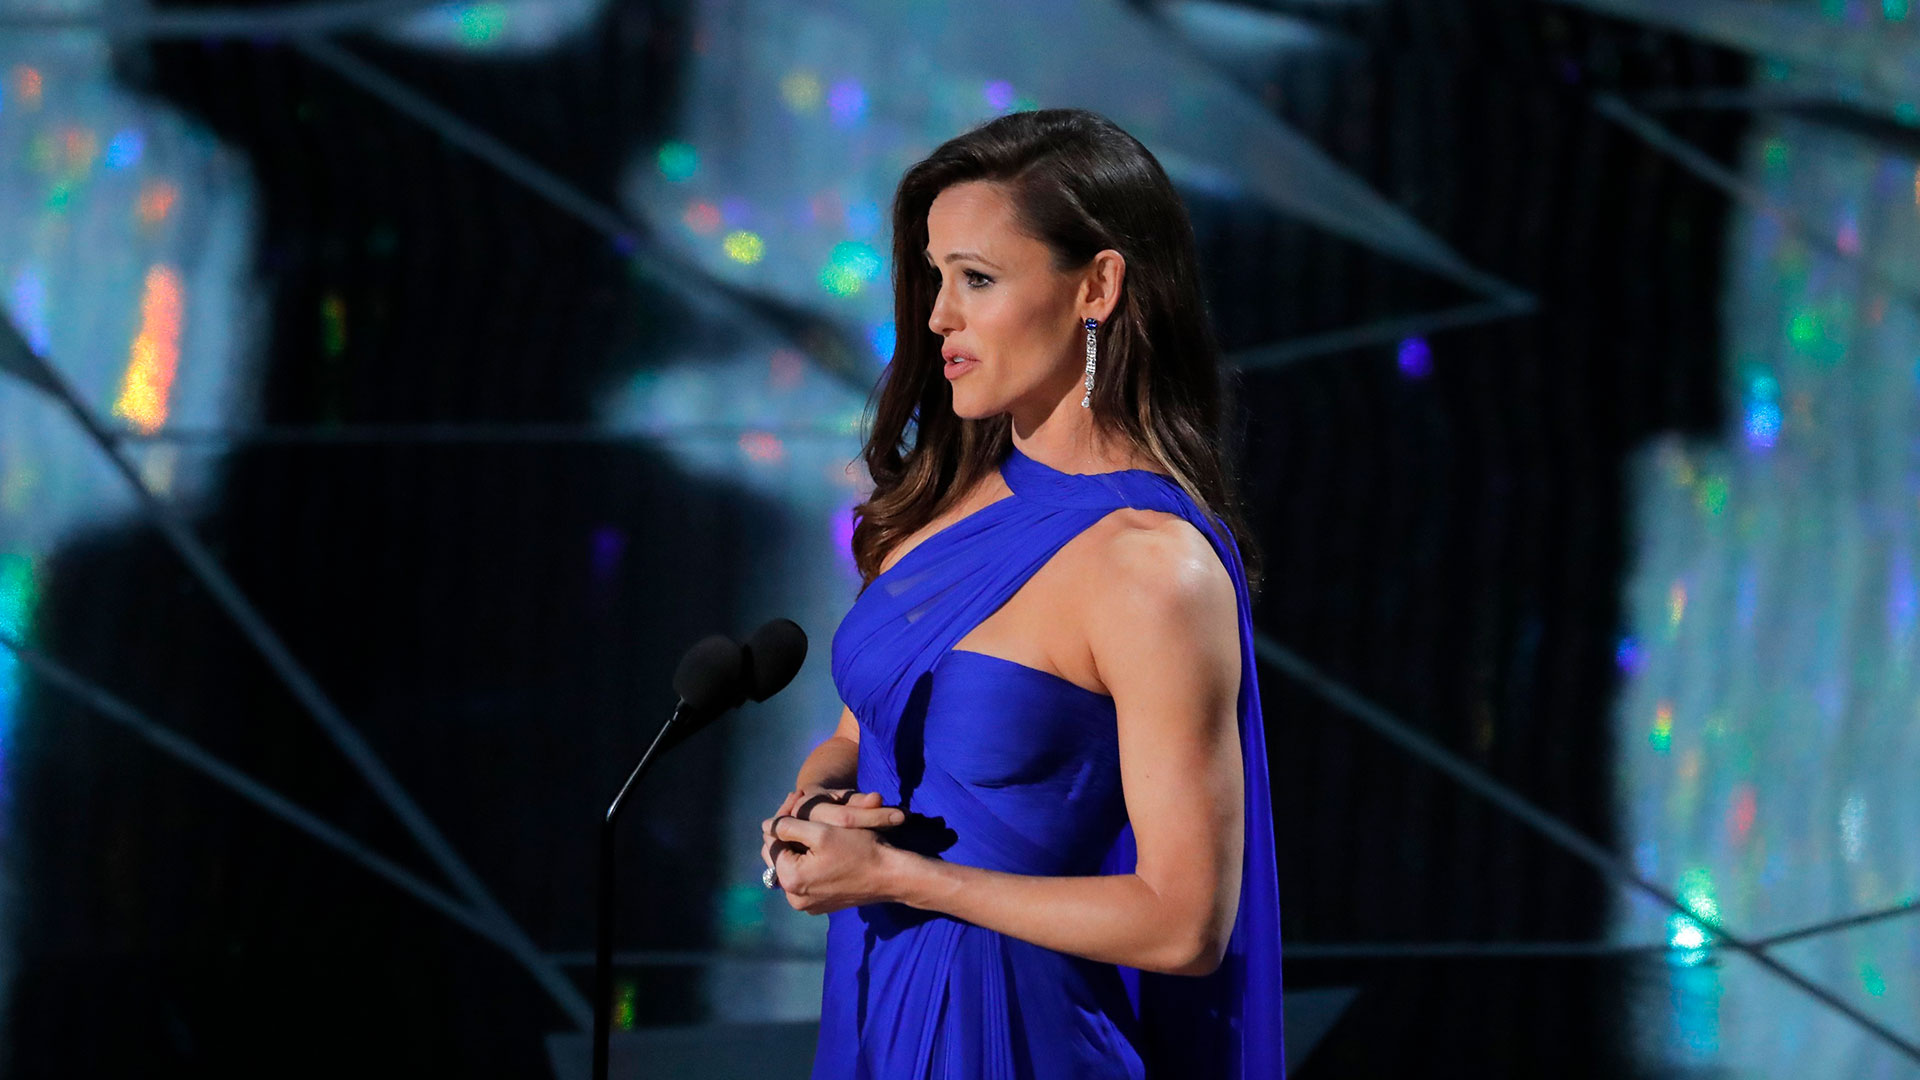 Jennifer Garner presentó el emotivo video de los integrantes de la industria cinematográfica que murieron en los últimos meses